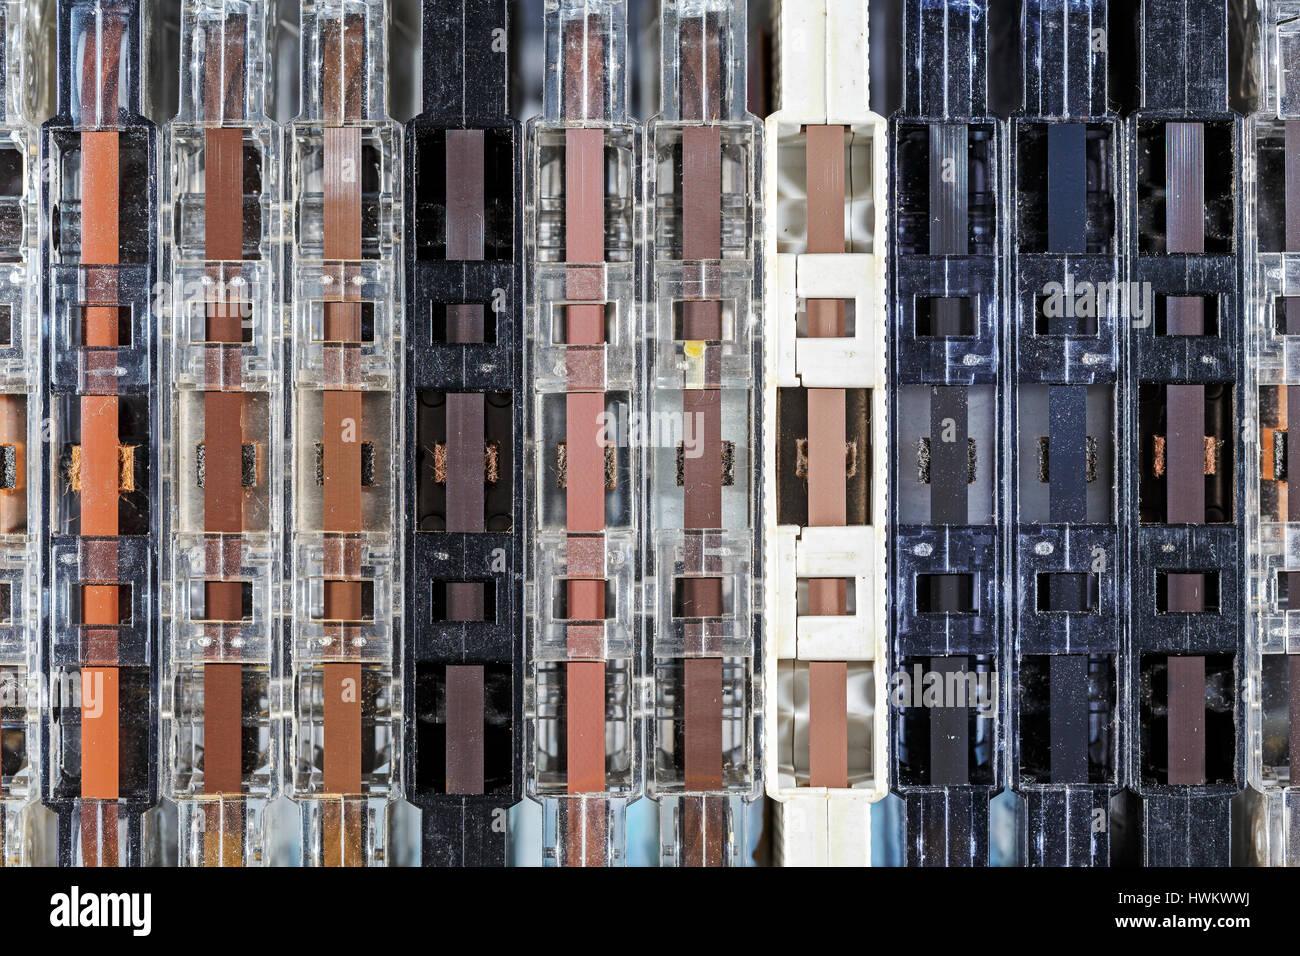 Viejos Cassettes compactos y polvorientas dispuestas verticalmente en una fila de forma visual el telón de Imagen De Stock